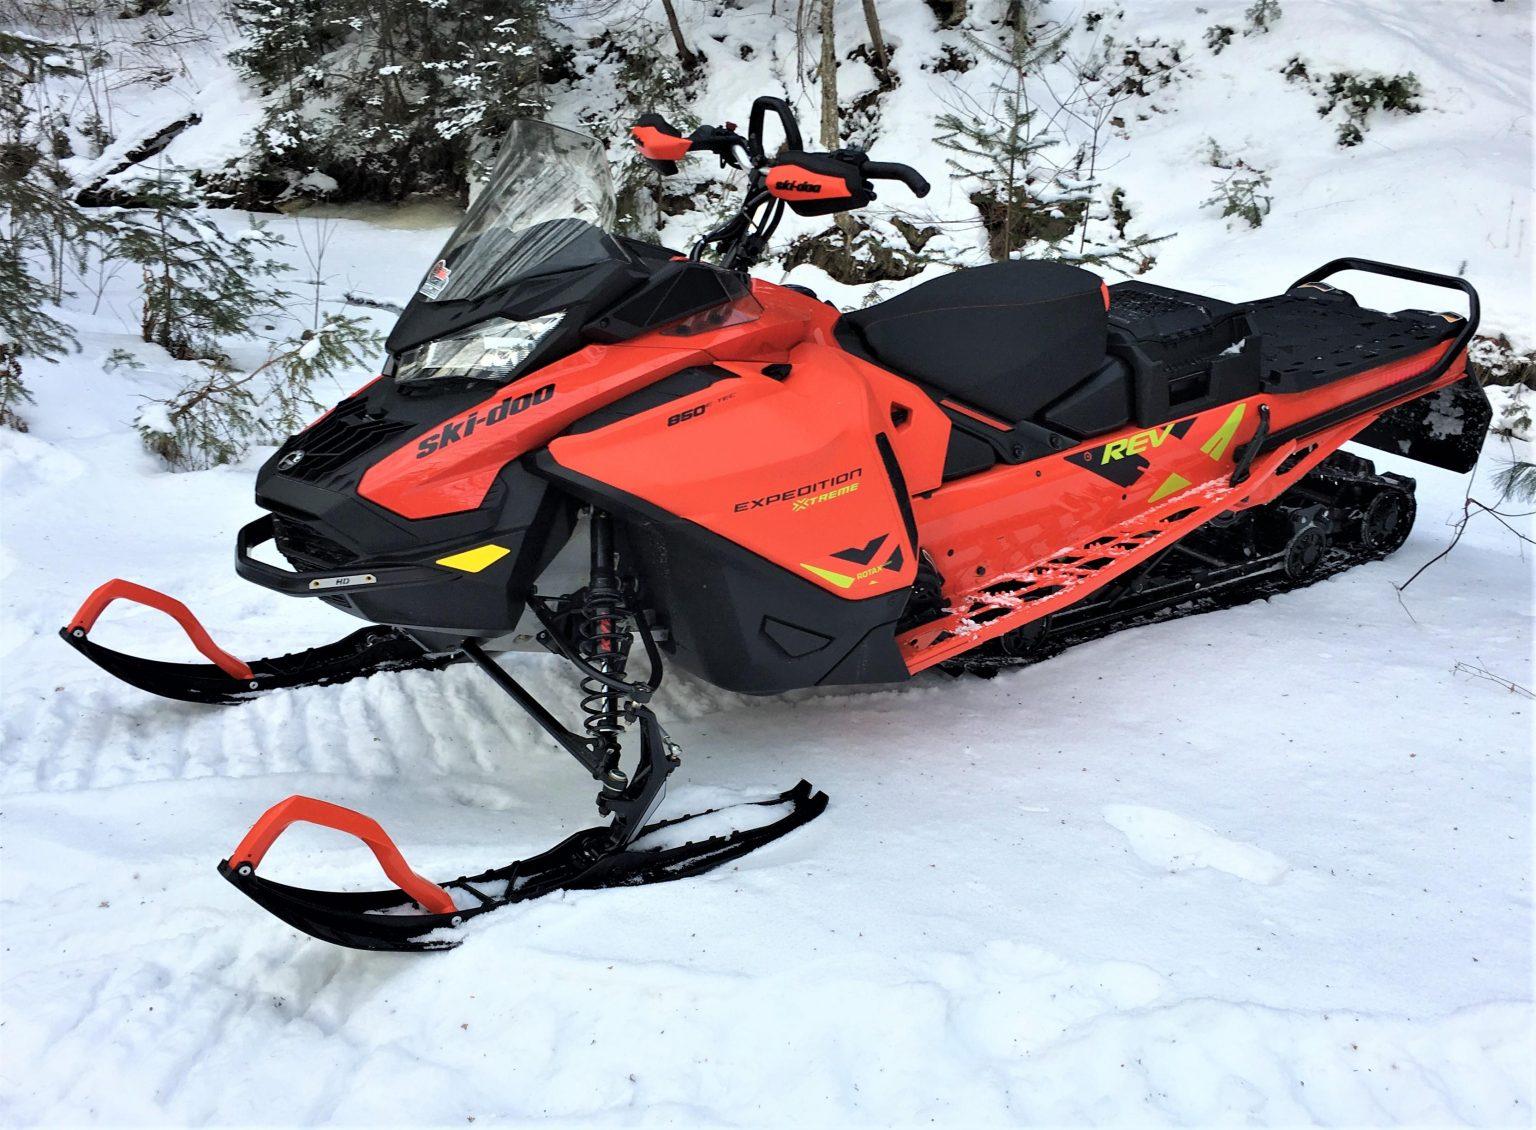 Ski-Doo Expedition Xtreme 2020 — Bilan fin de saison